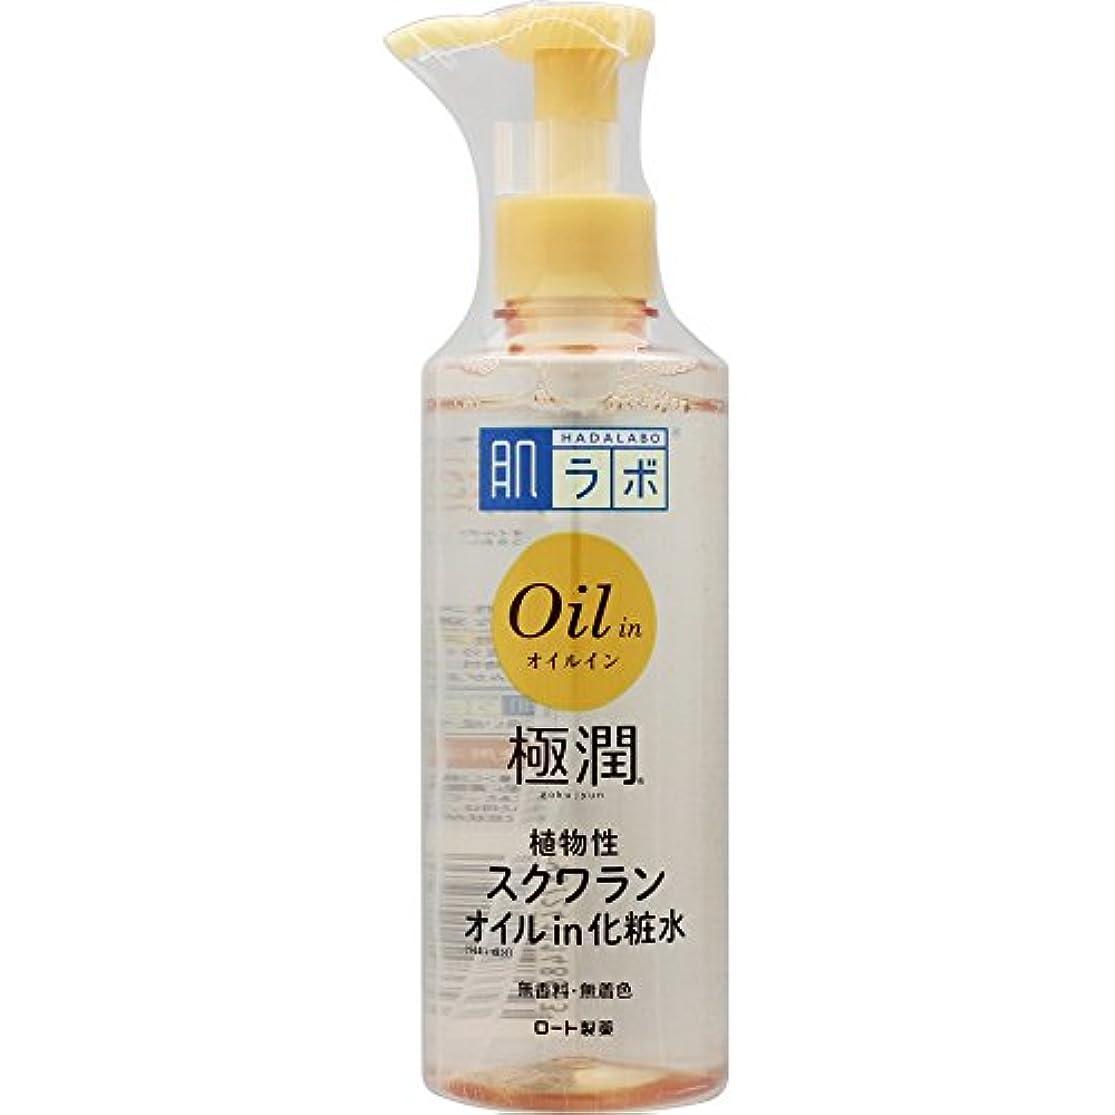 靴警報傘肌ラボ 極潤オイルイン化粧水 植物性スクワランオイル配合 220ml